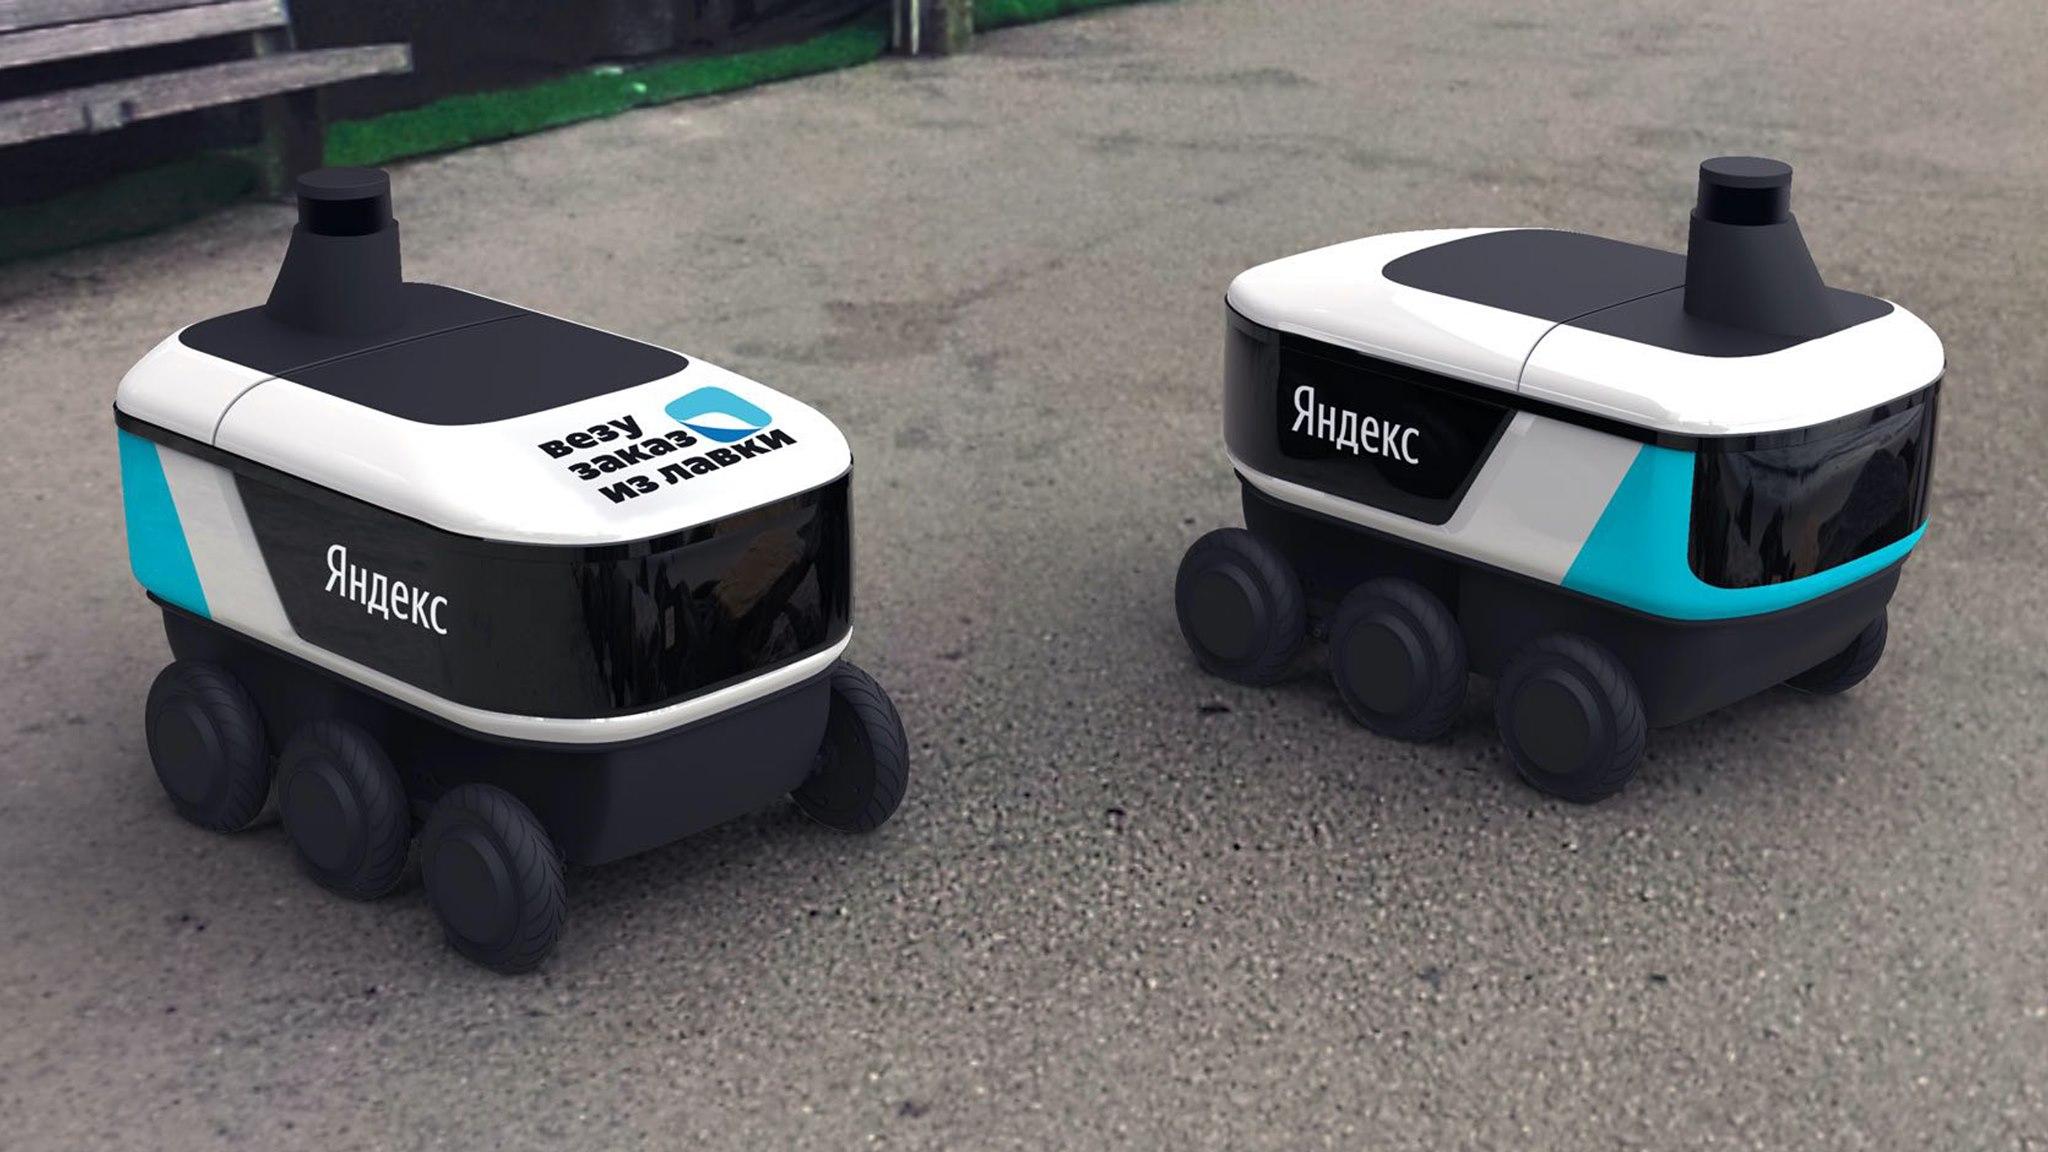 Яндекс-роботы готовы выполнять заказы.